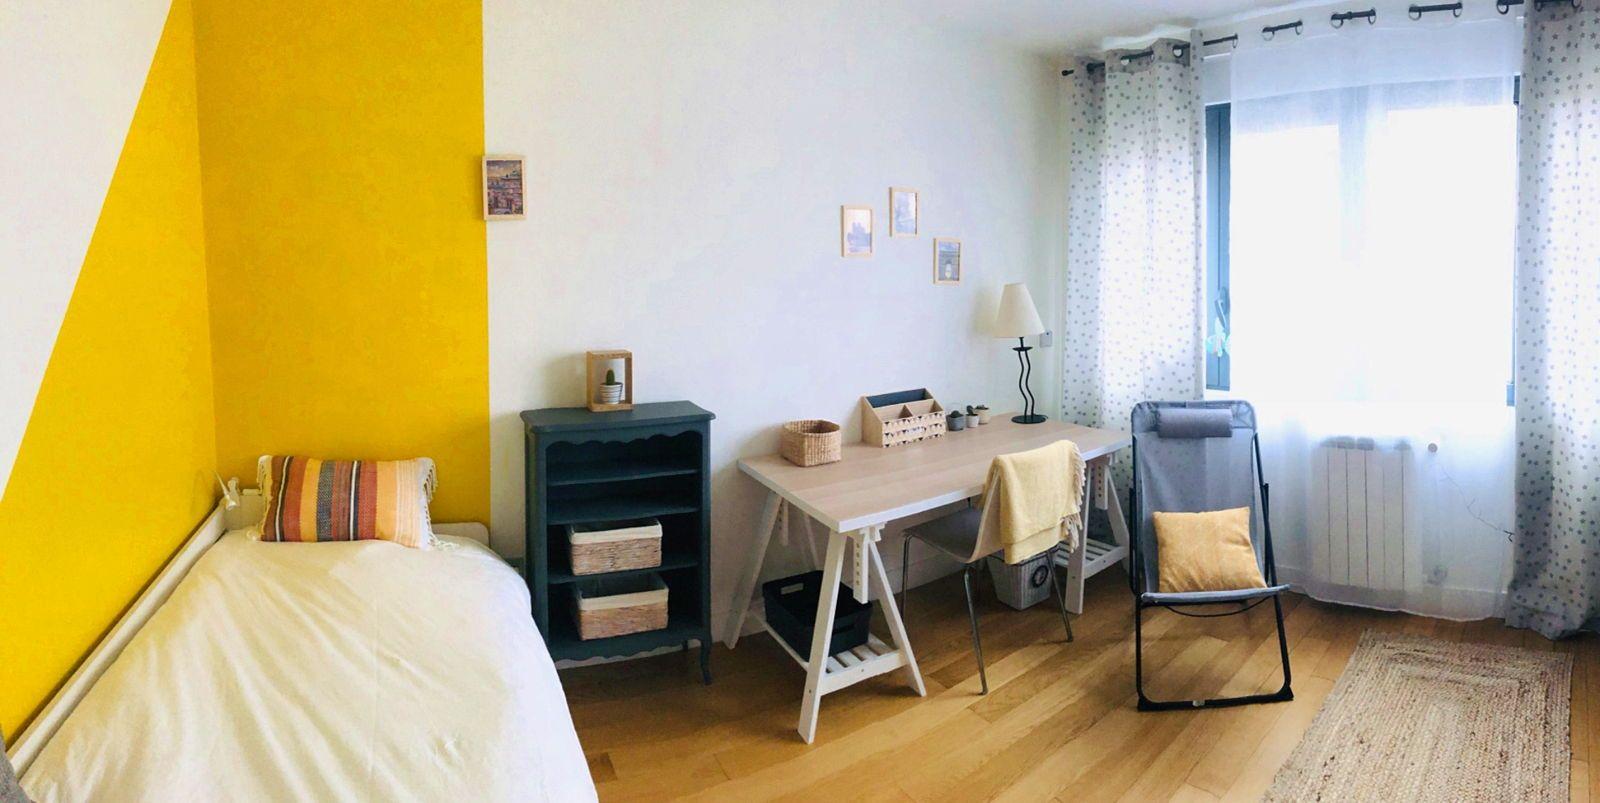 Loue chambre 11m² à étudiant(e) dans notre maison-Rueil (92)